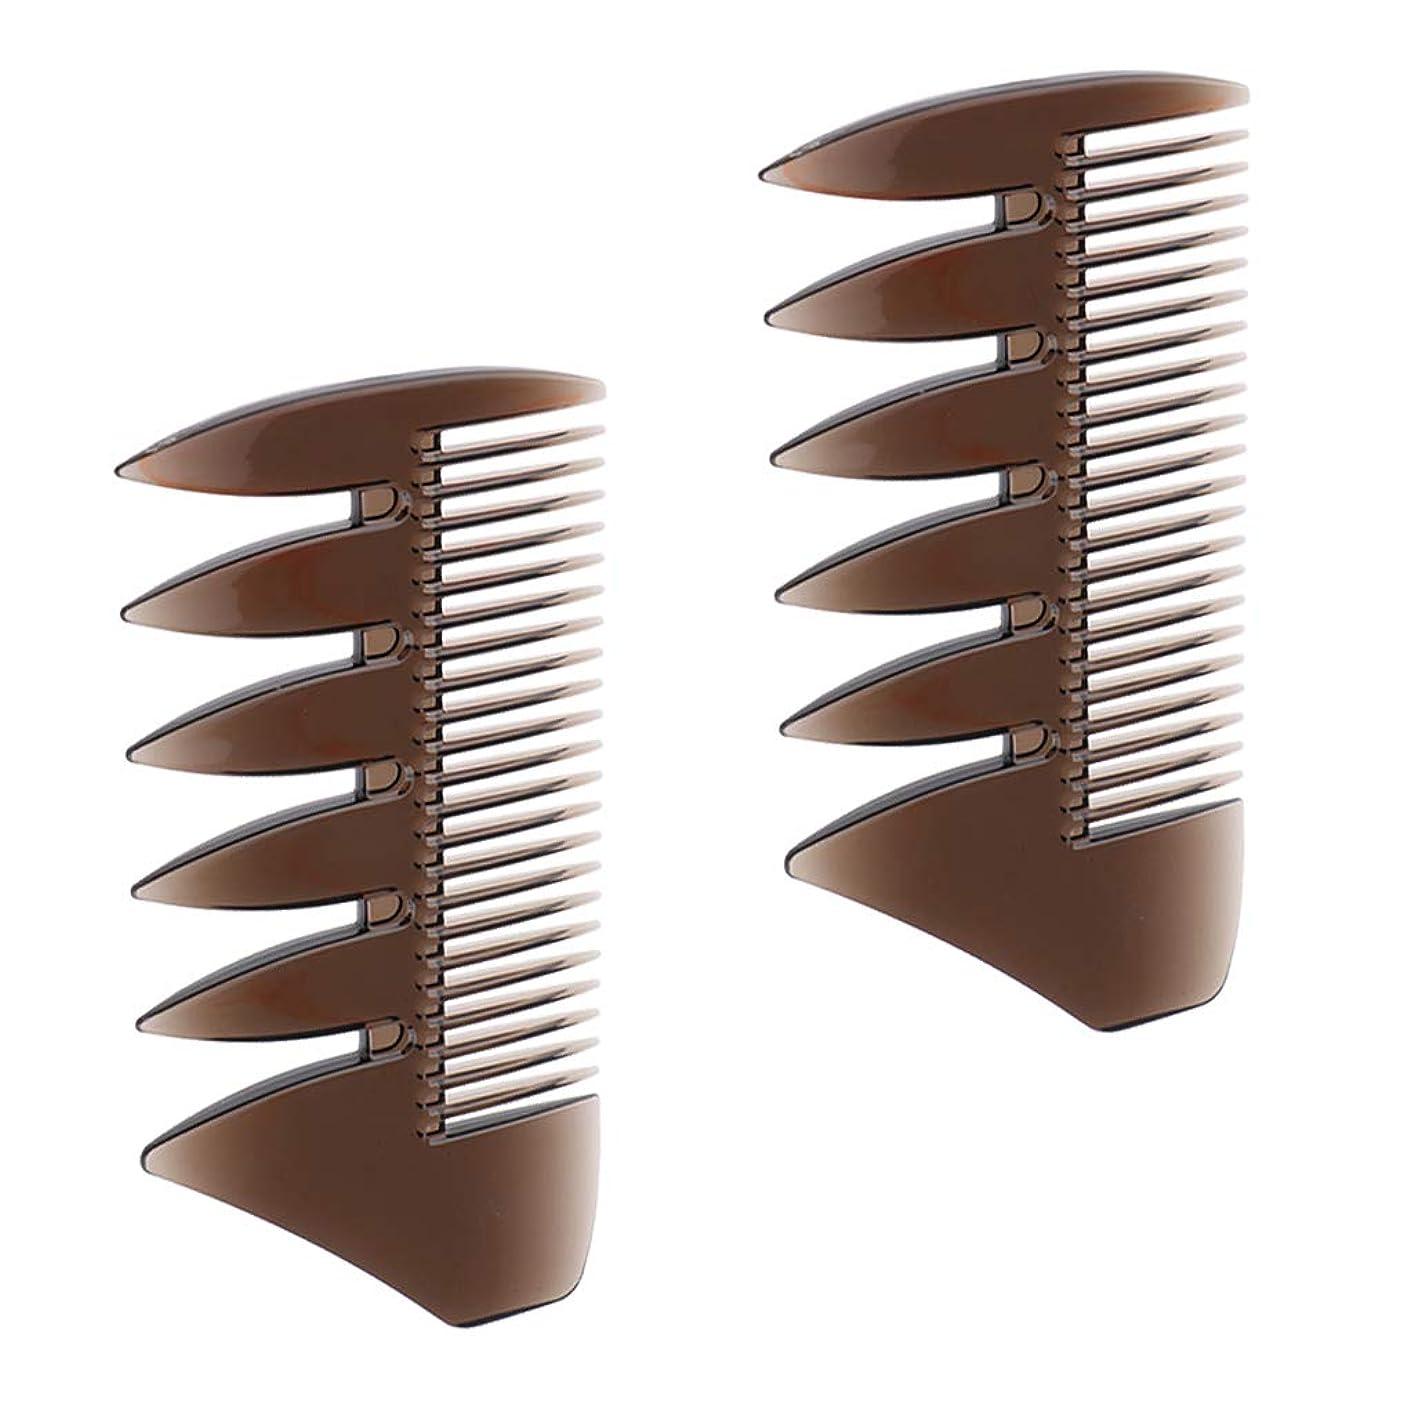 炭素謎めいた高架SM SunniMix 2個入 ヘアコンビ デュアルサイド メンズ 髪櫛 ヘアサロン ヘアスタイリング 散髪店/美容院専用櫛